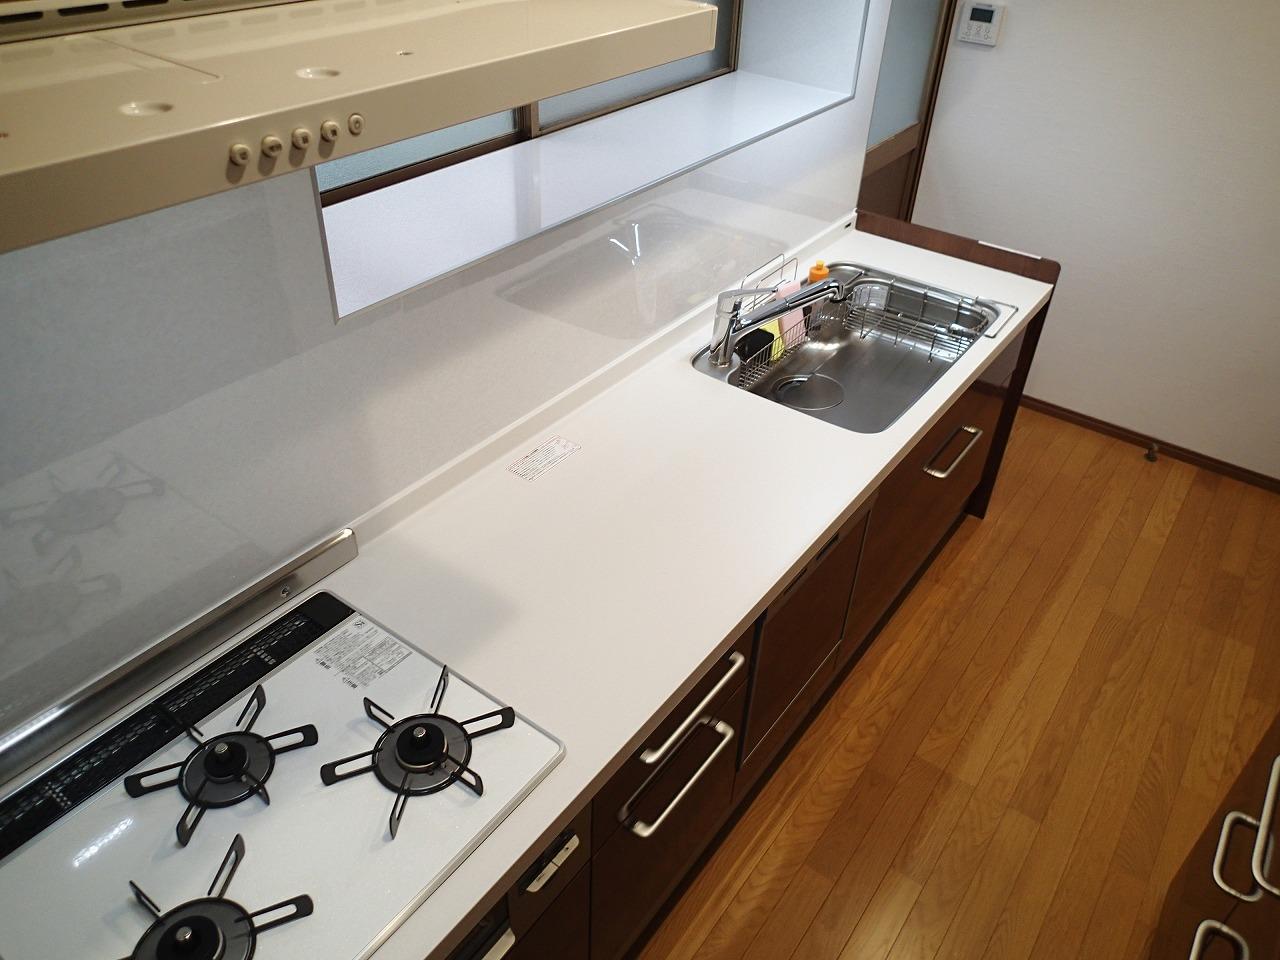 奥行き60センチのシステムキッチンですが中央の調理スペースを大きくとって使いやすく設計